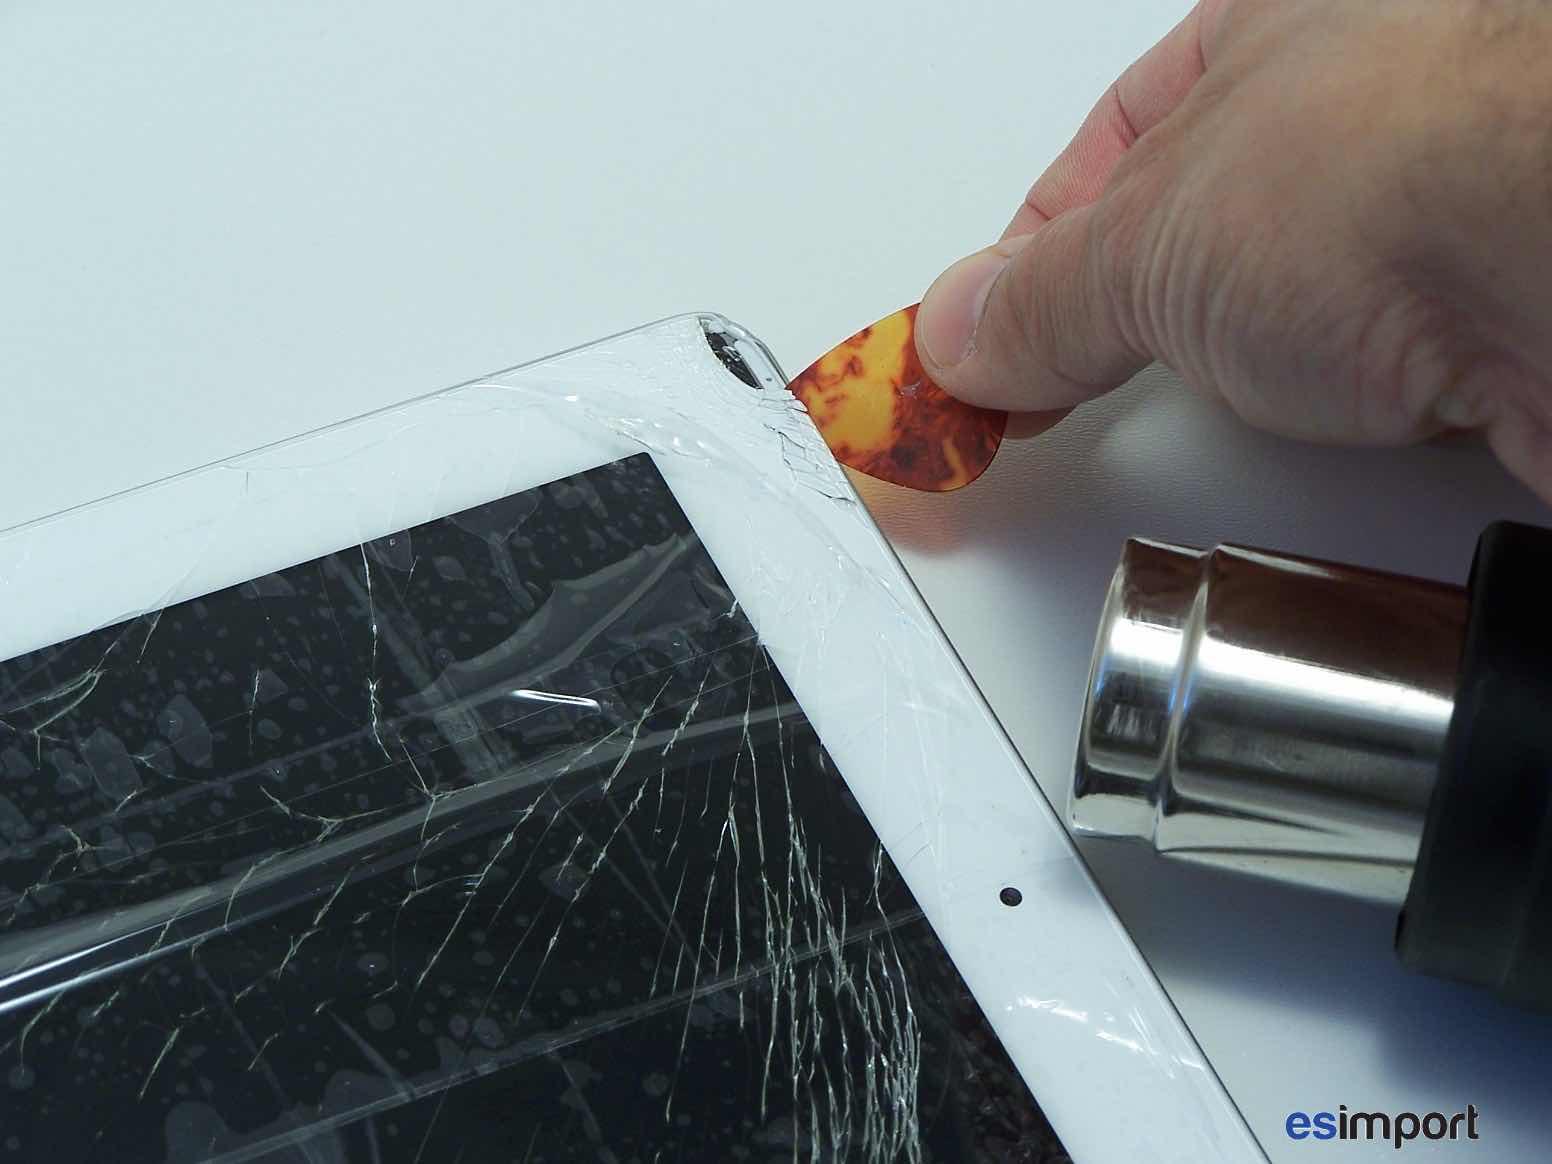 tutoriel d crivant le changement du tactile sur un ipad 2 wifi a1395. Black Bedroom Furniture Sets. Home Design Ideas